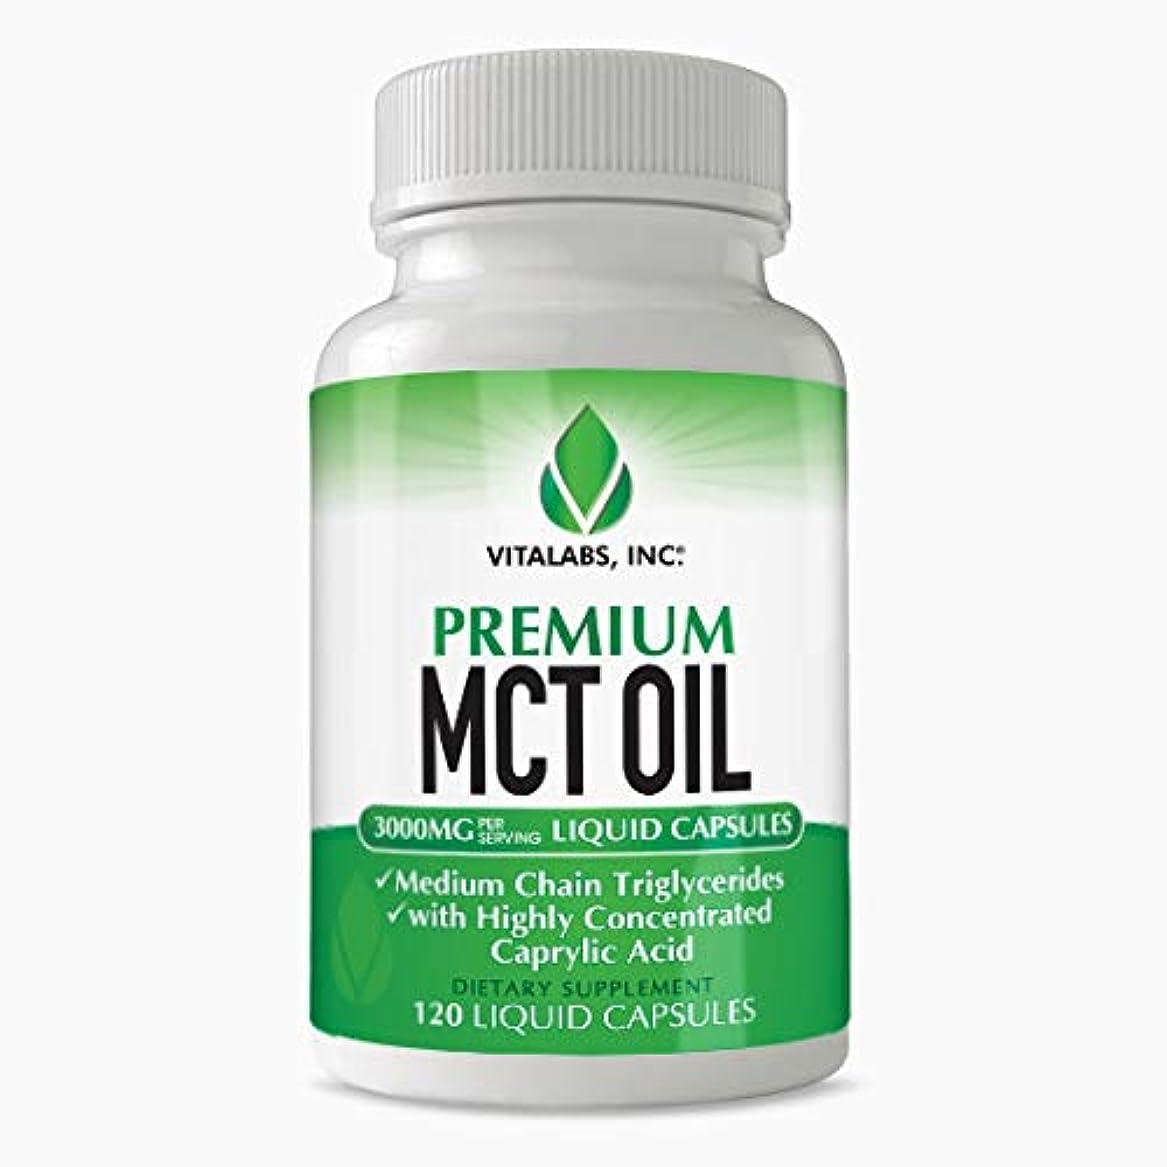 縮約自動債務取りやすいジェルカプセルタイプ?ココナッツ由来-MCT オイル/3000mg(1Serving) 120Capsules 【Vitalabs.MCT Oil】 (1)